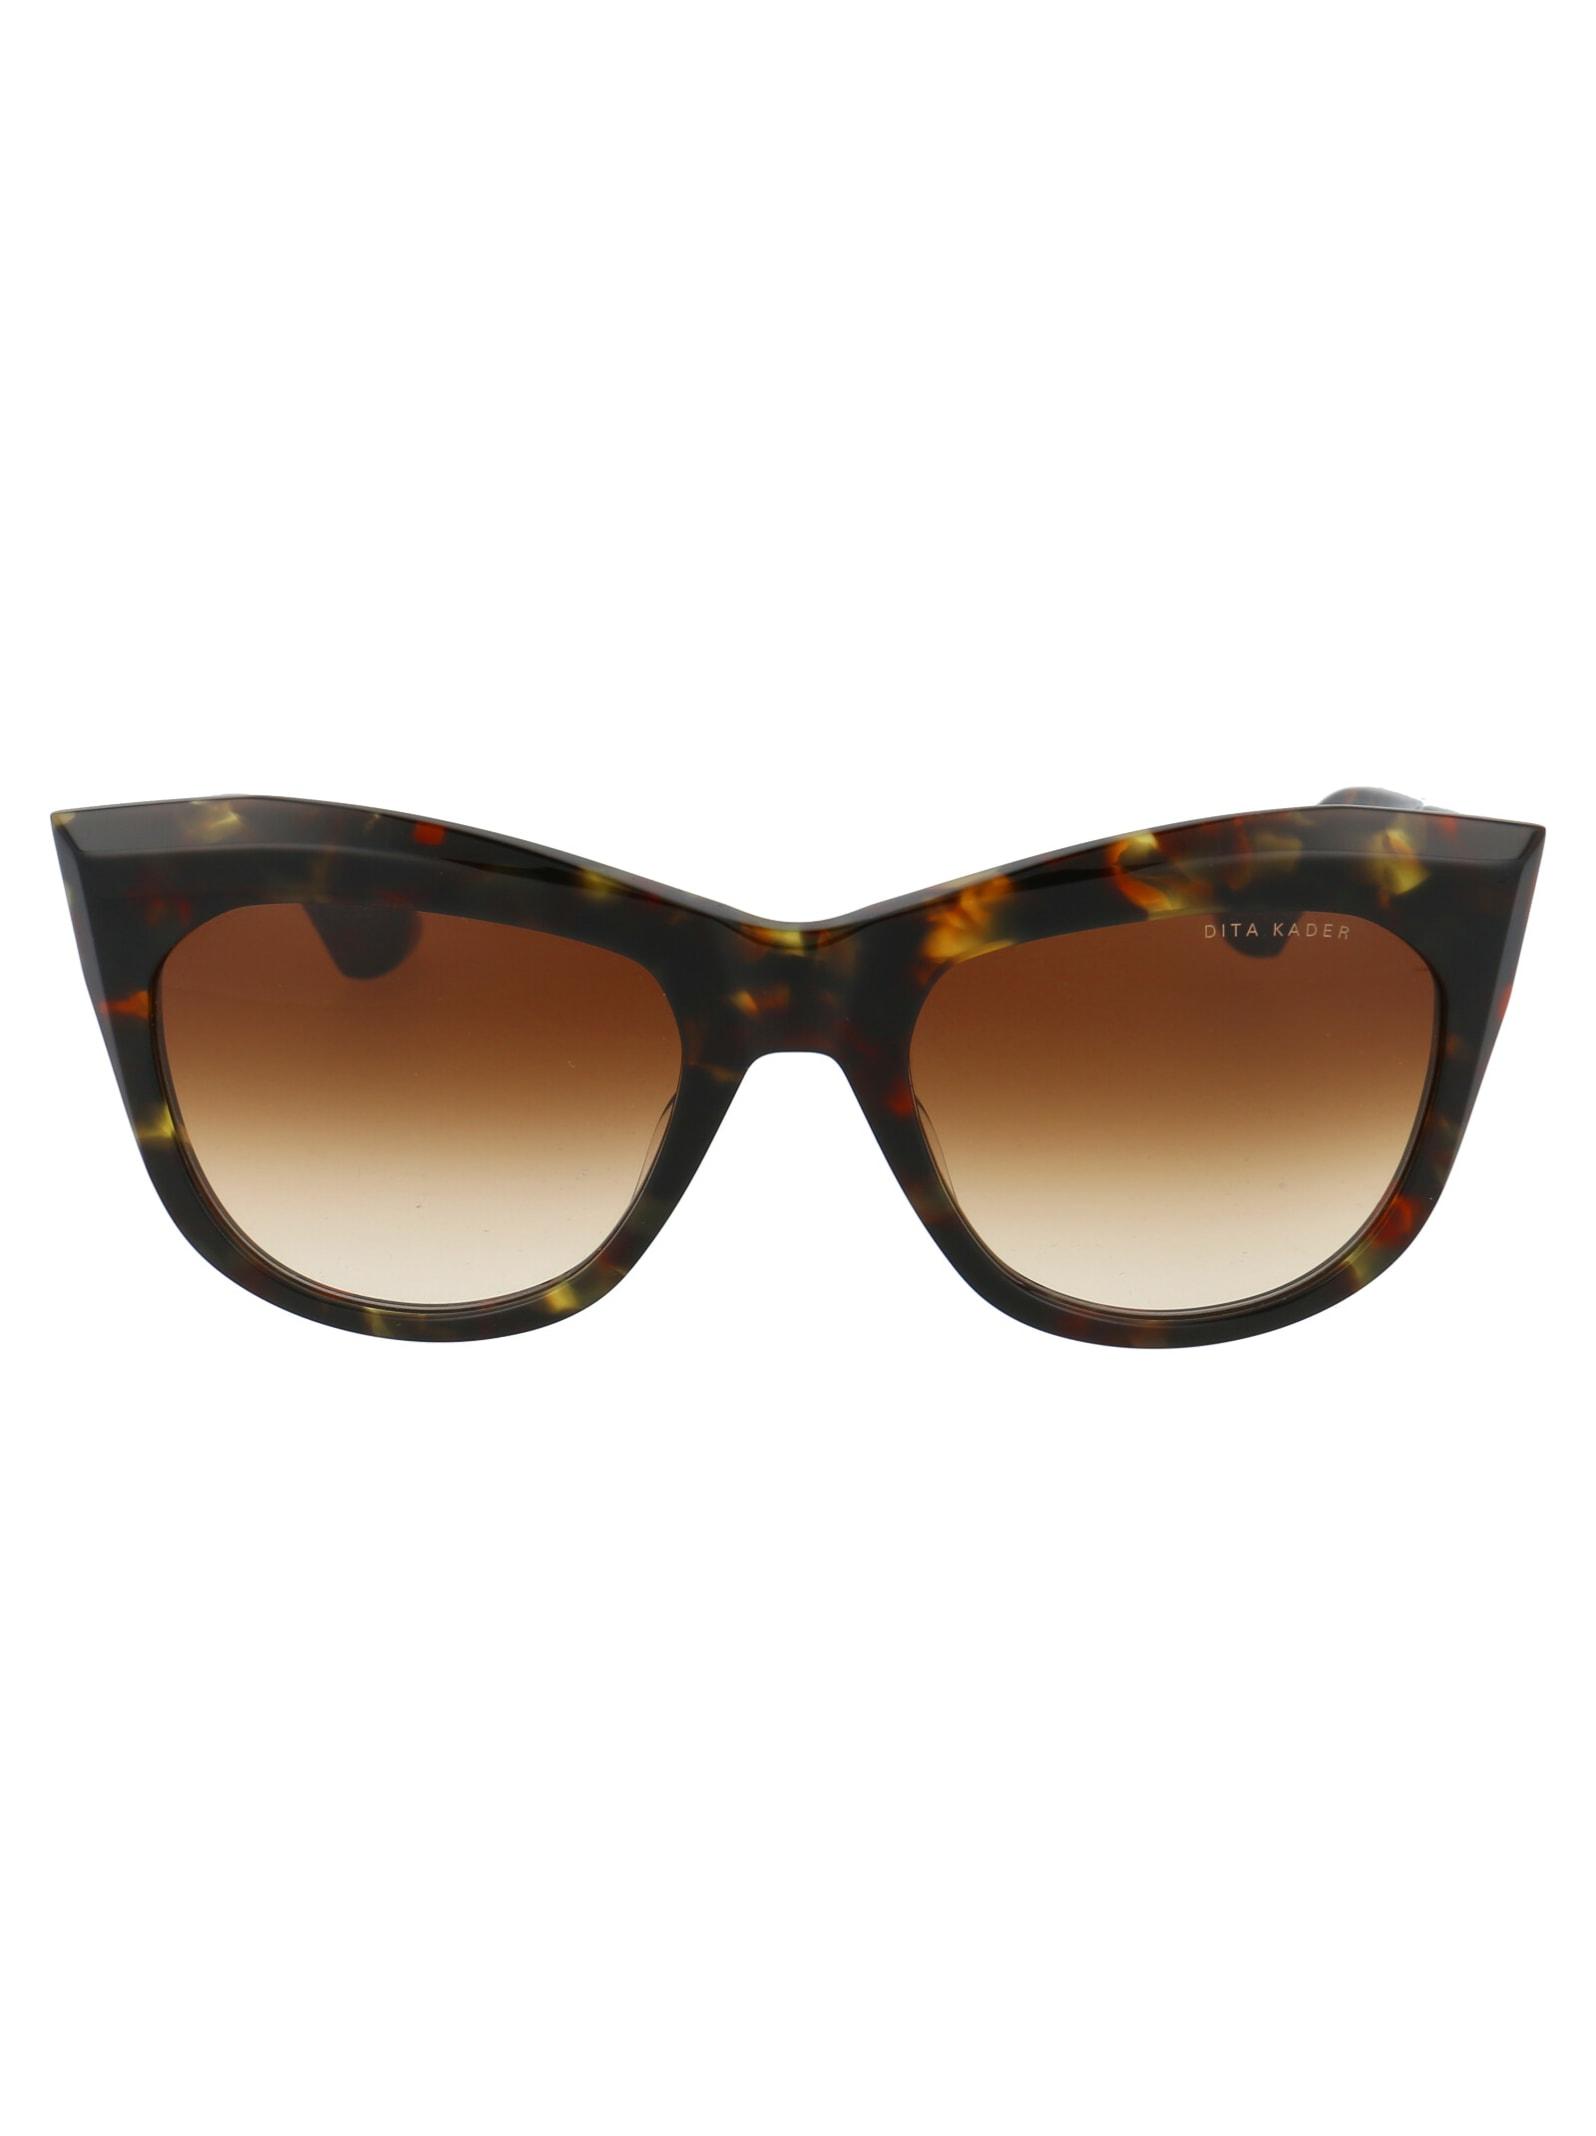 Kader Sunglasses